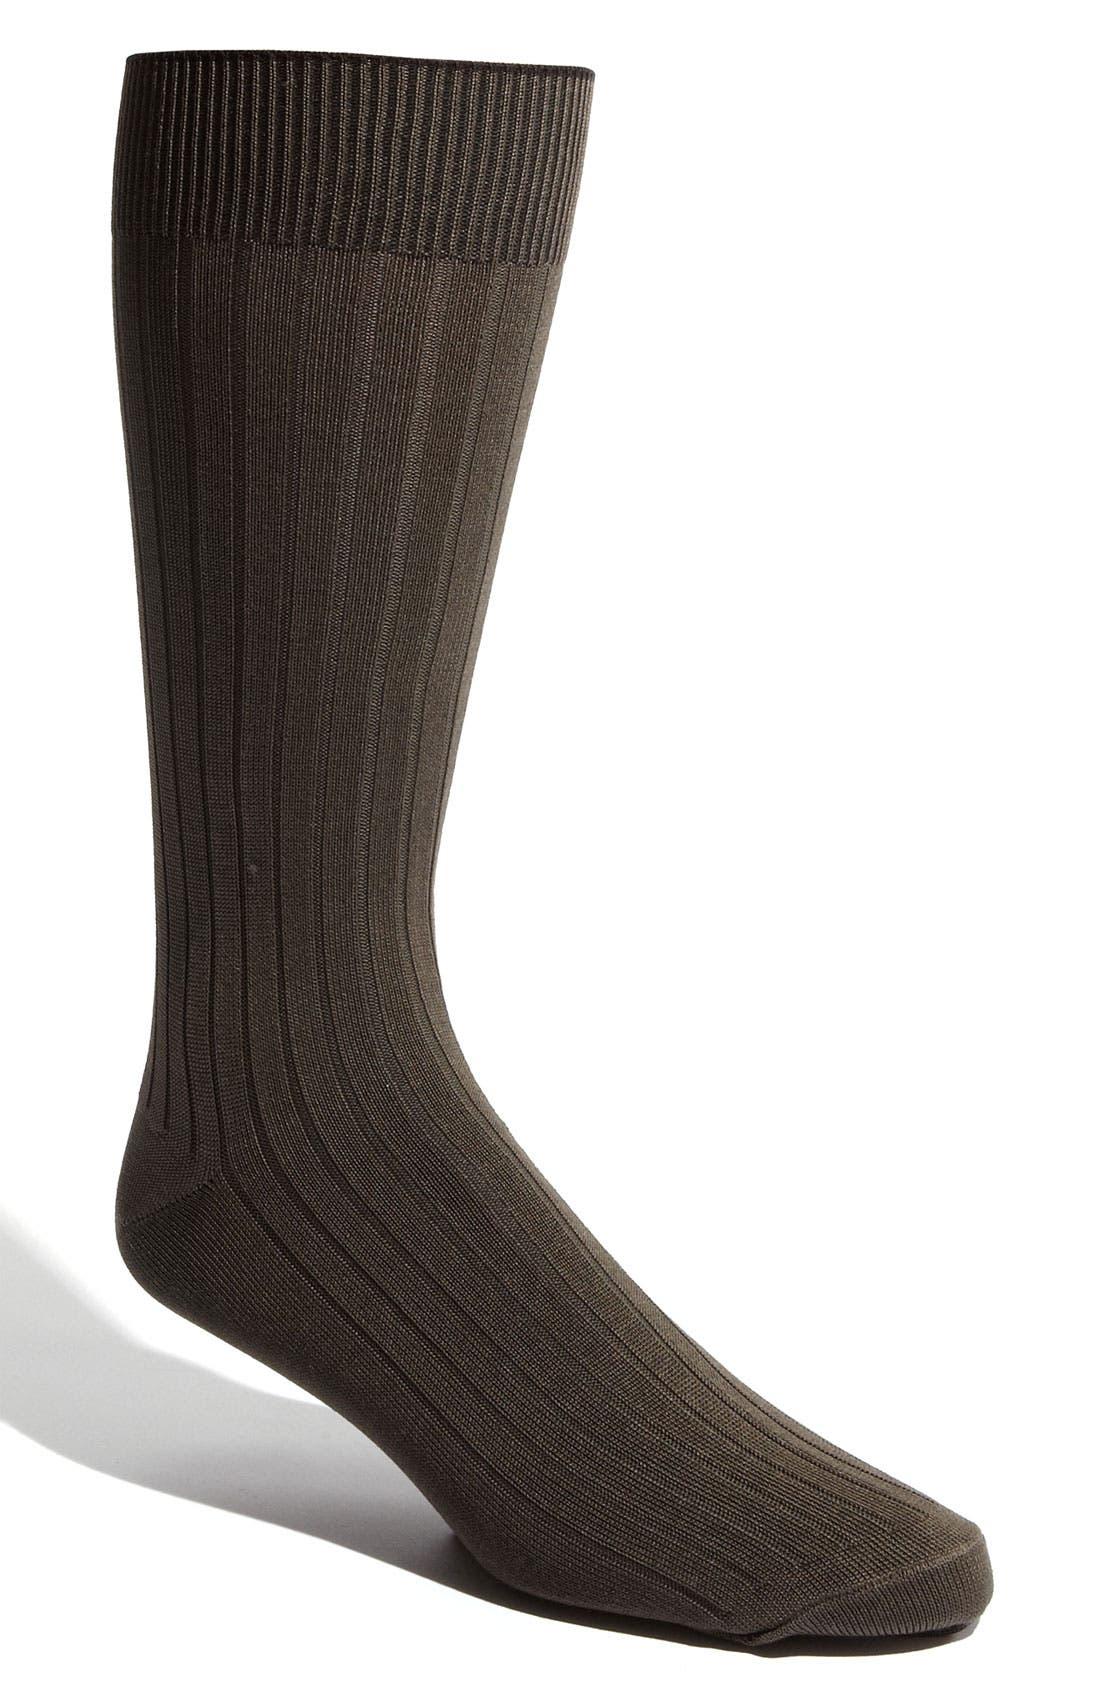 Main Image - Nordstrom Men's Shop Cotton Blend Socks